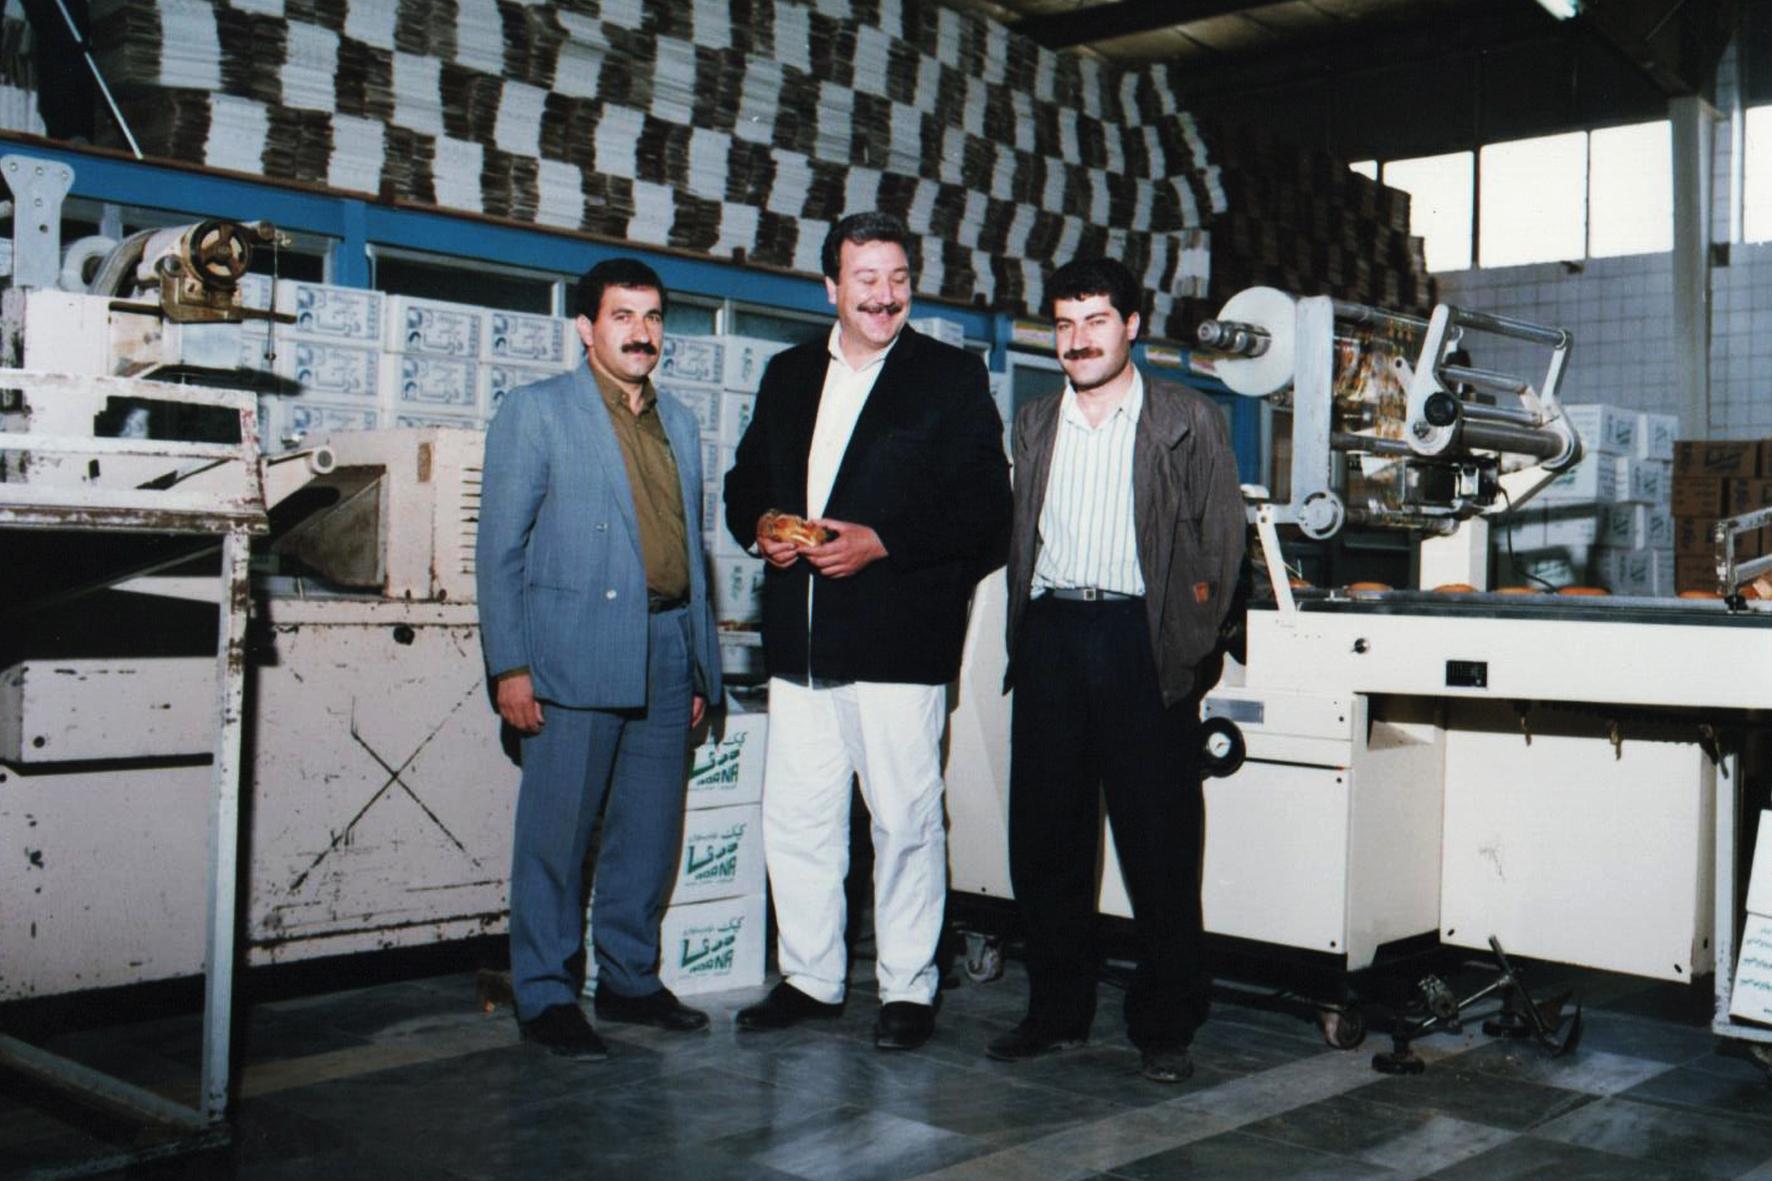 صمد رسولوی ( مدیرعامل شرکت درنا) شخصیت سال صنعت غذا در سال ۹۷ شد